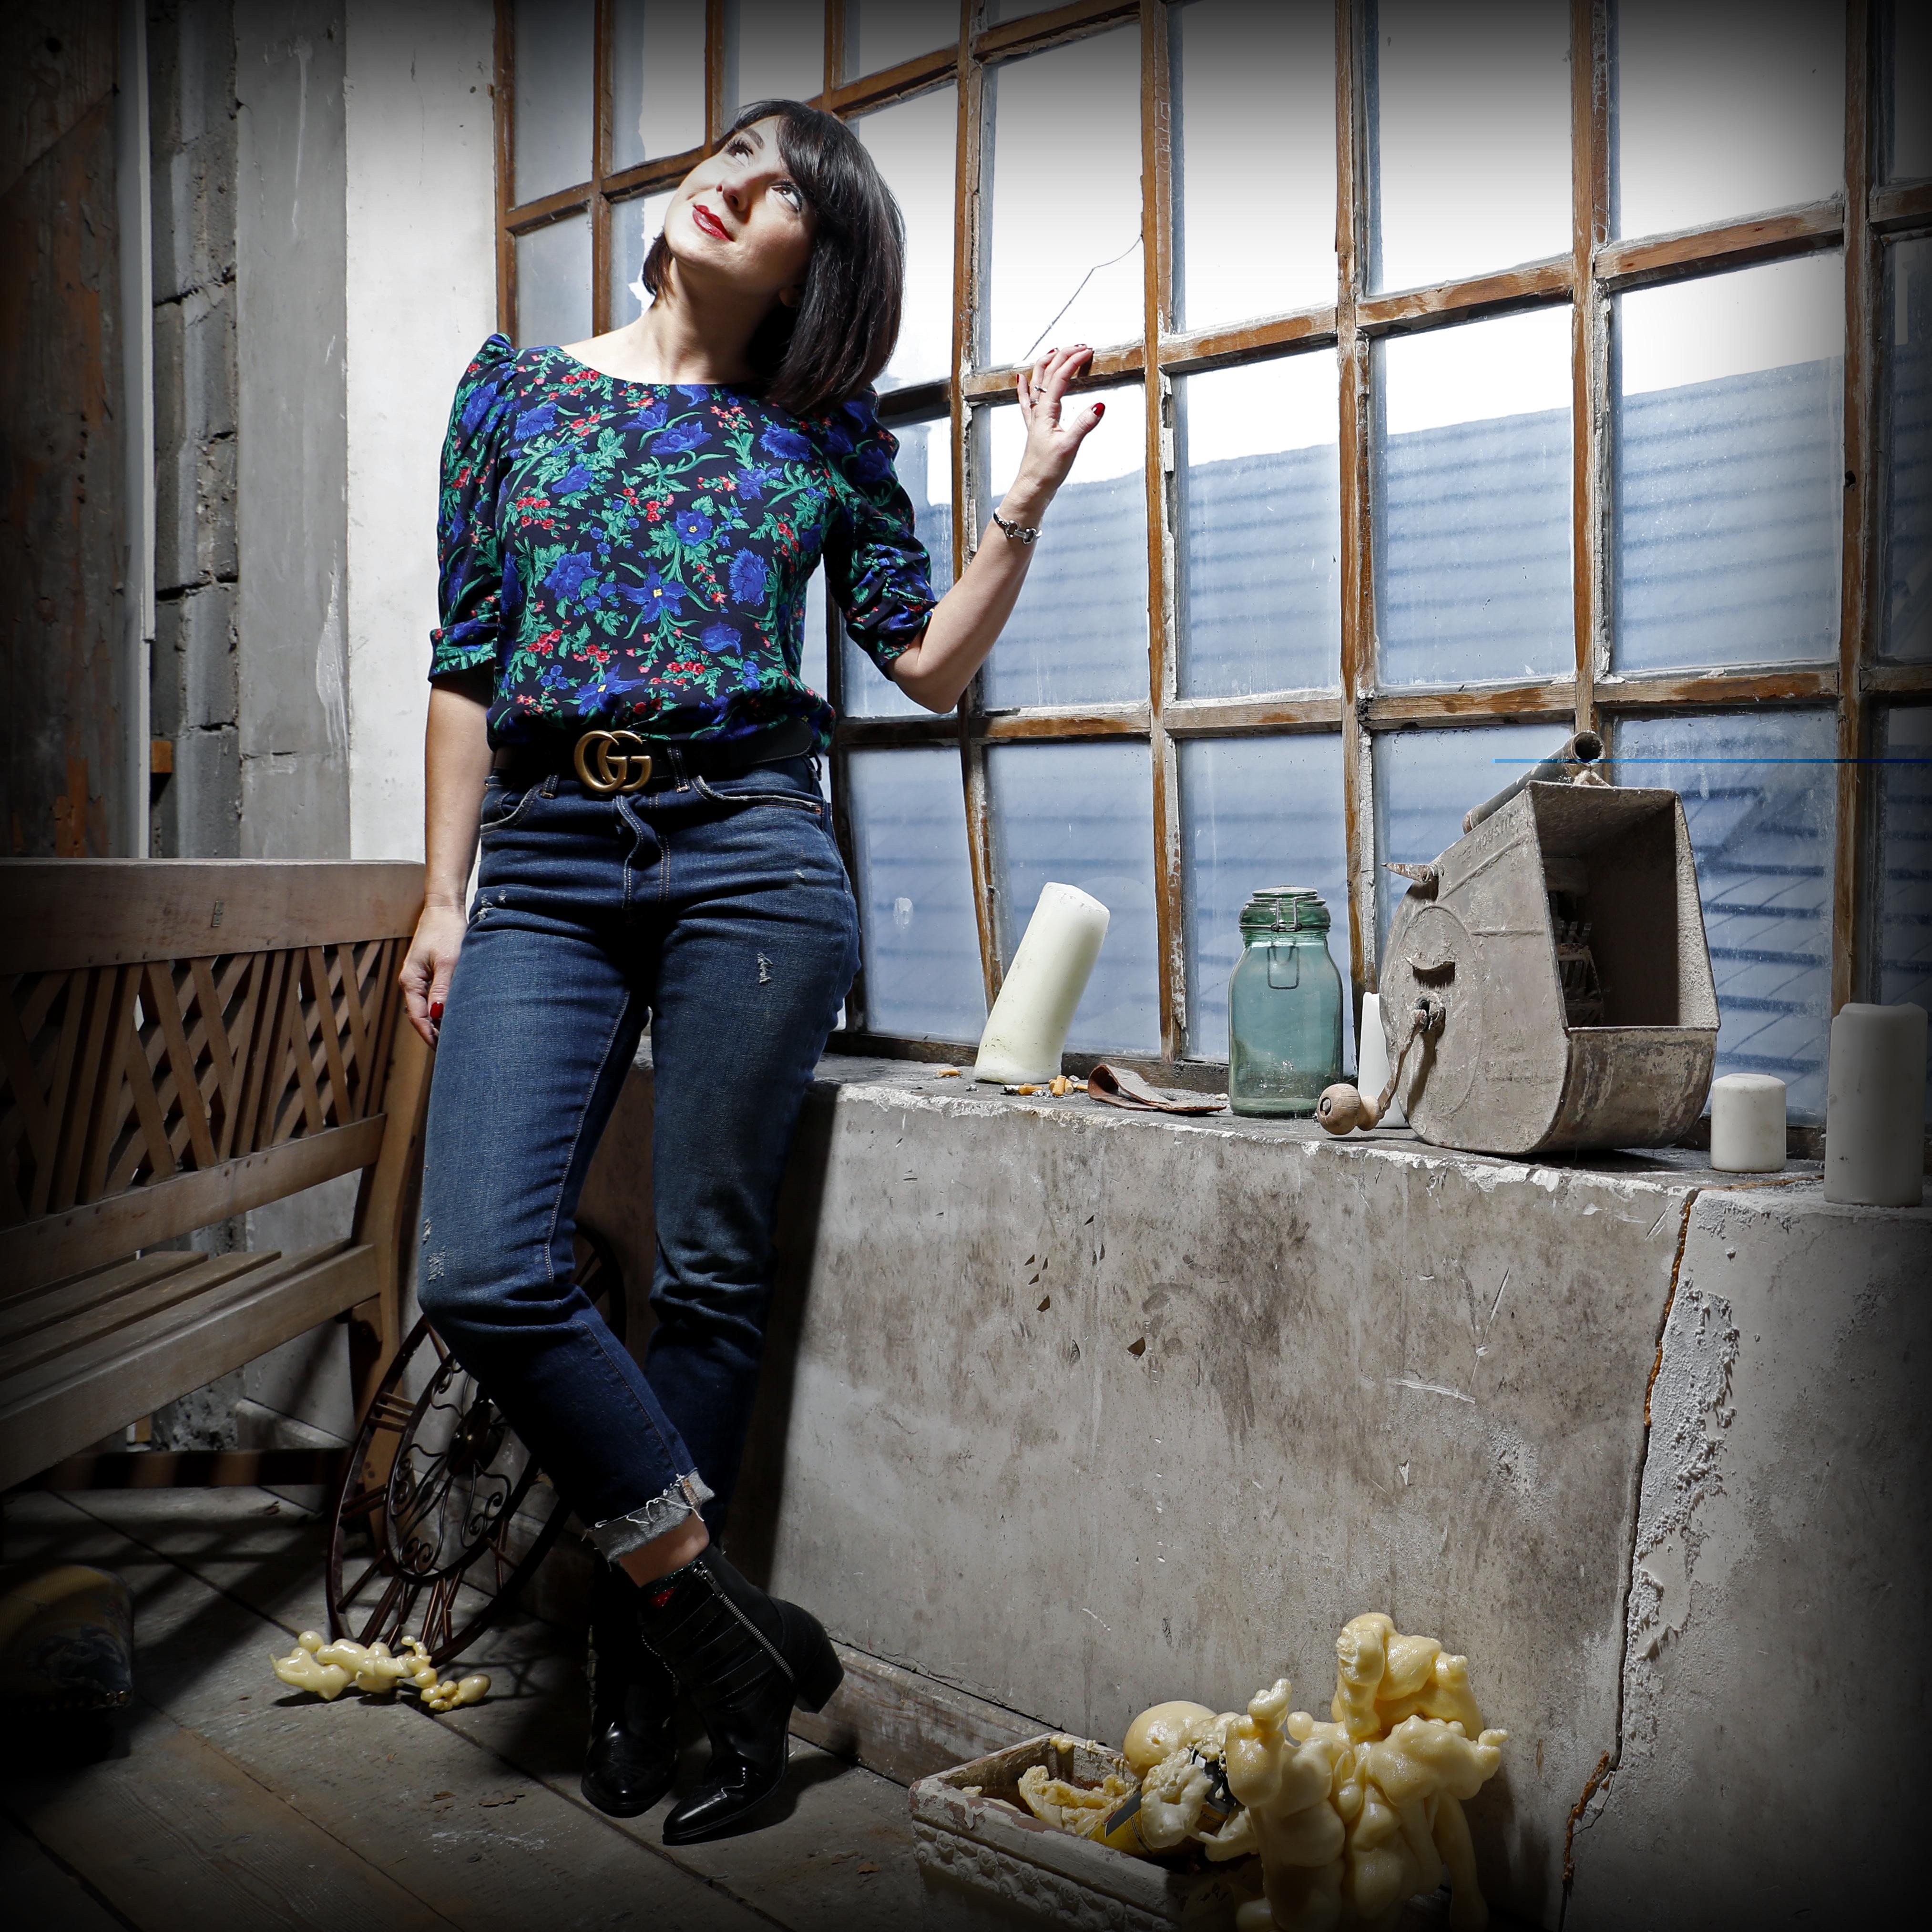 Chemise Tara Jarmon, Levi's 501 skinny, Boots The Kooples, ceinture Gucci